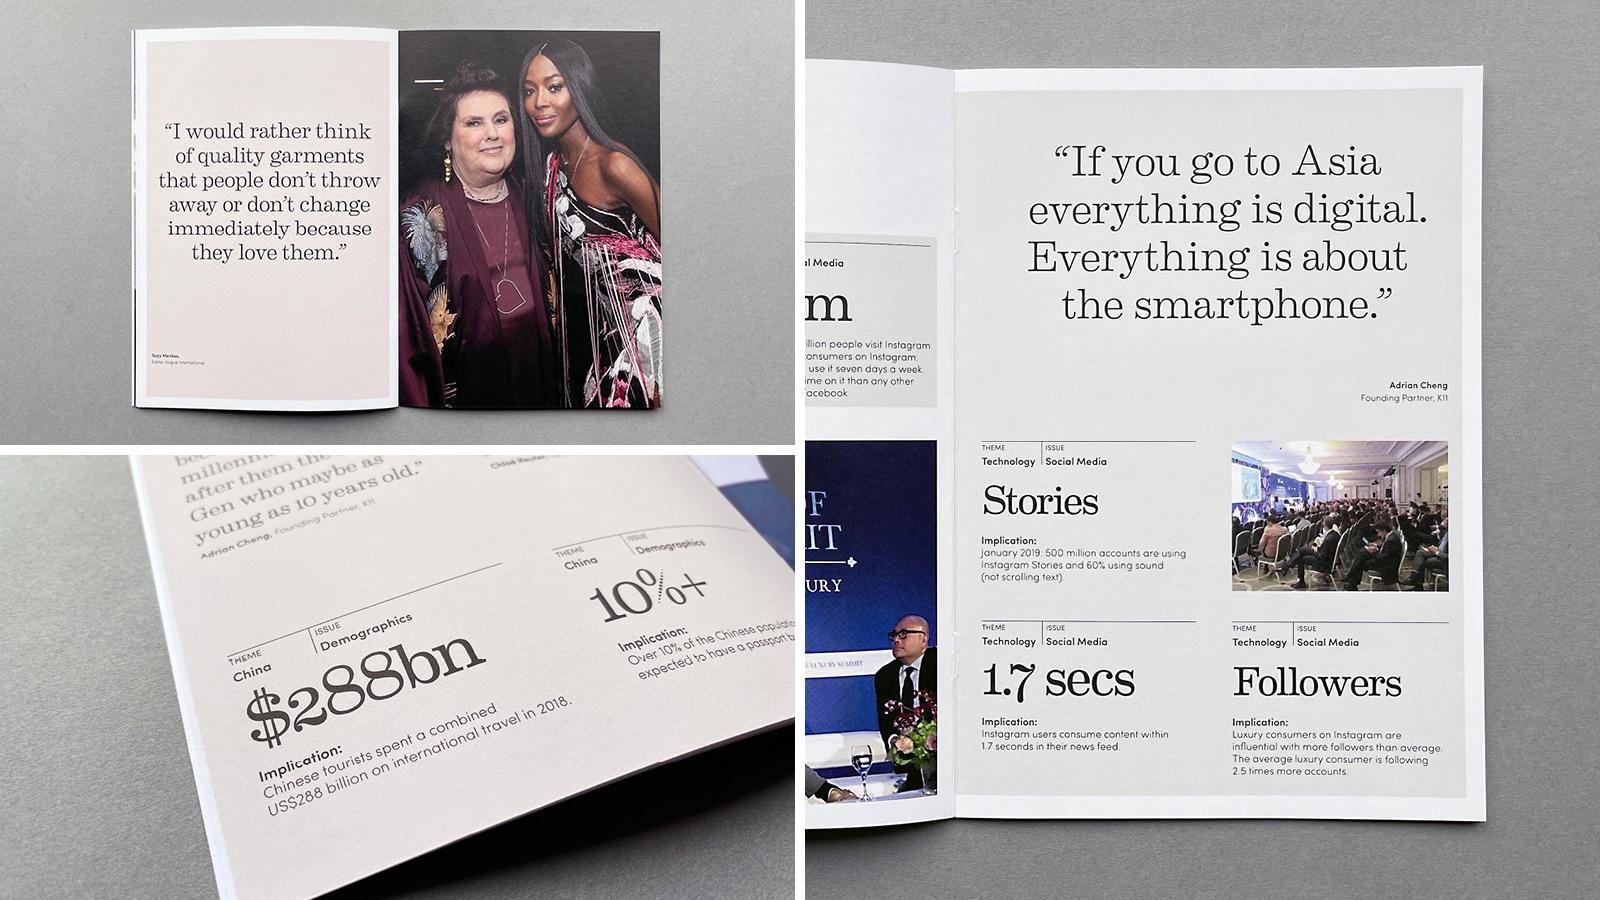 luxury-fashion-magazine-journal-editorial-typography-design-milton-keynes-london3